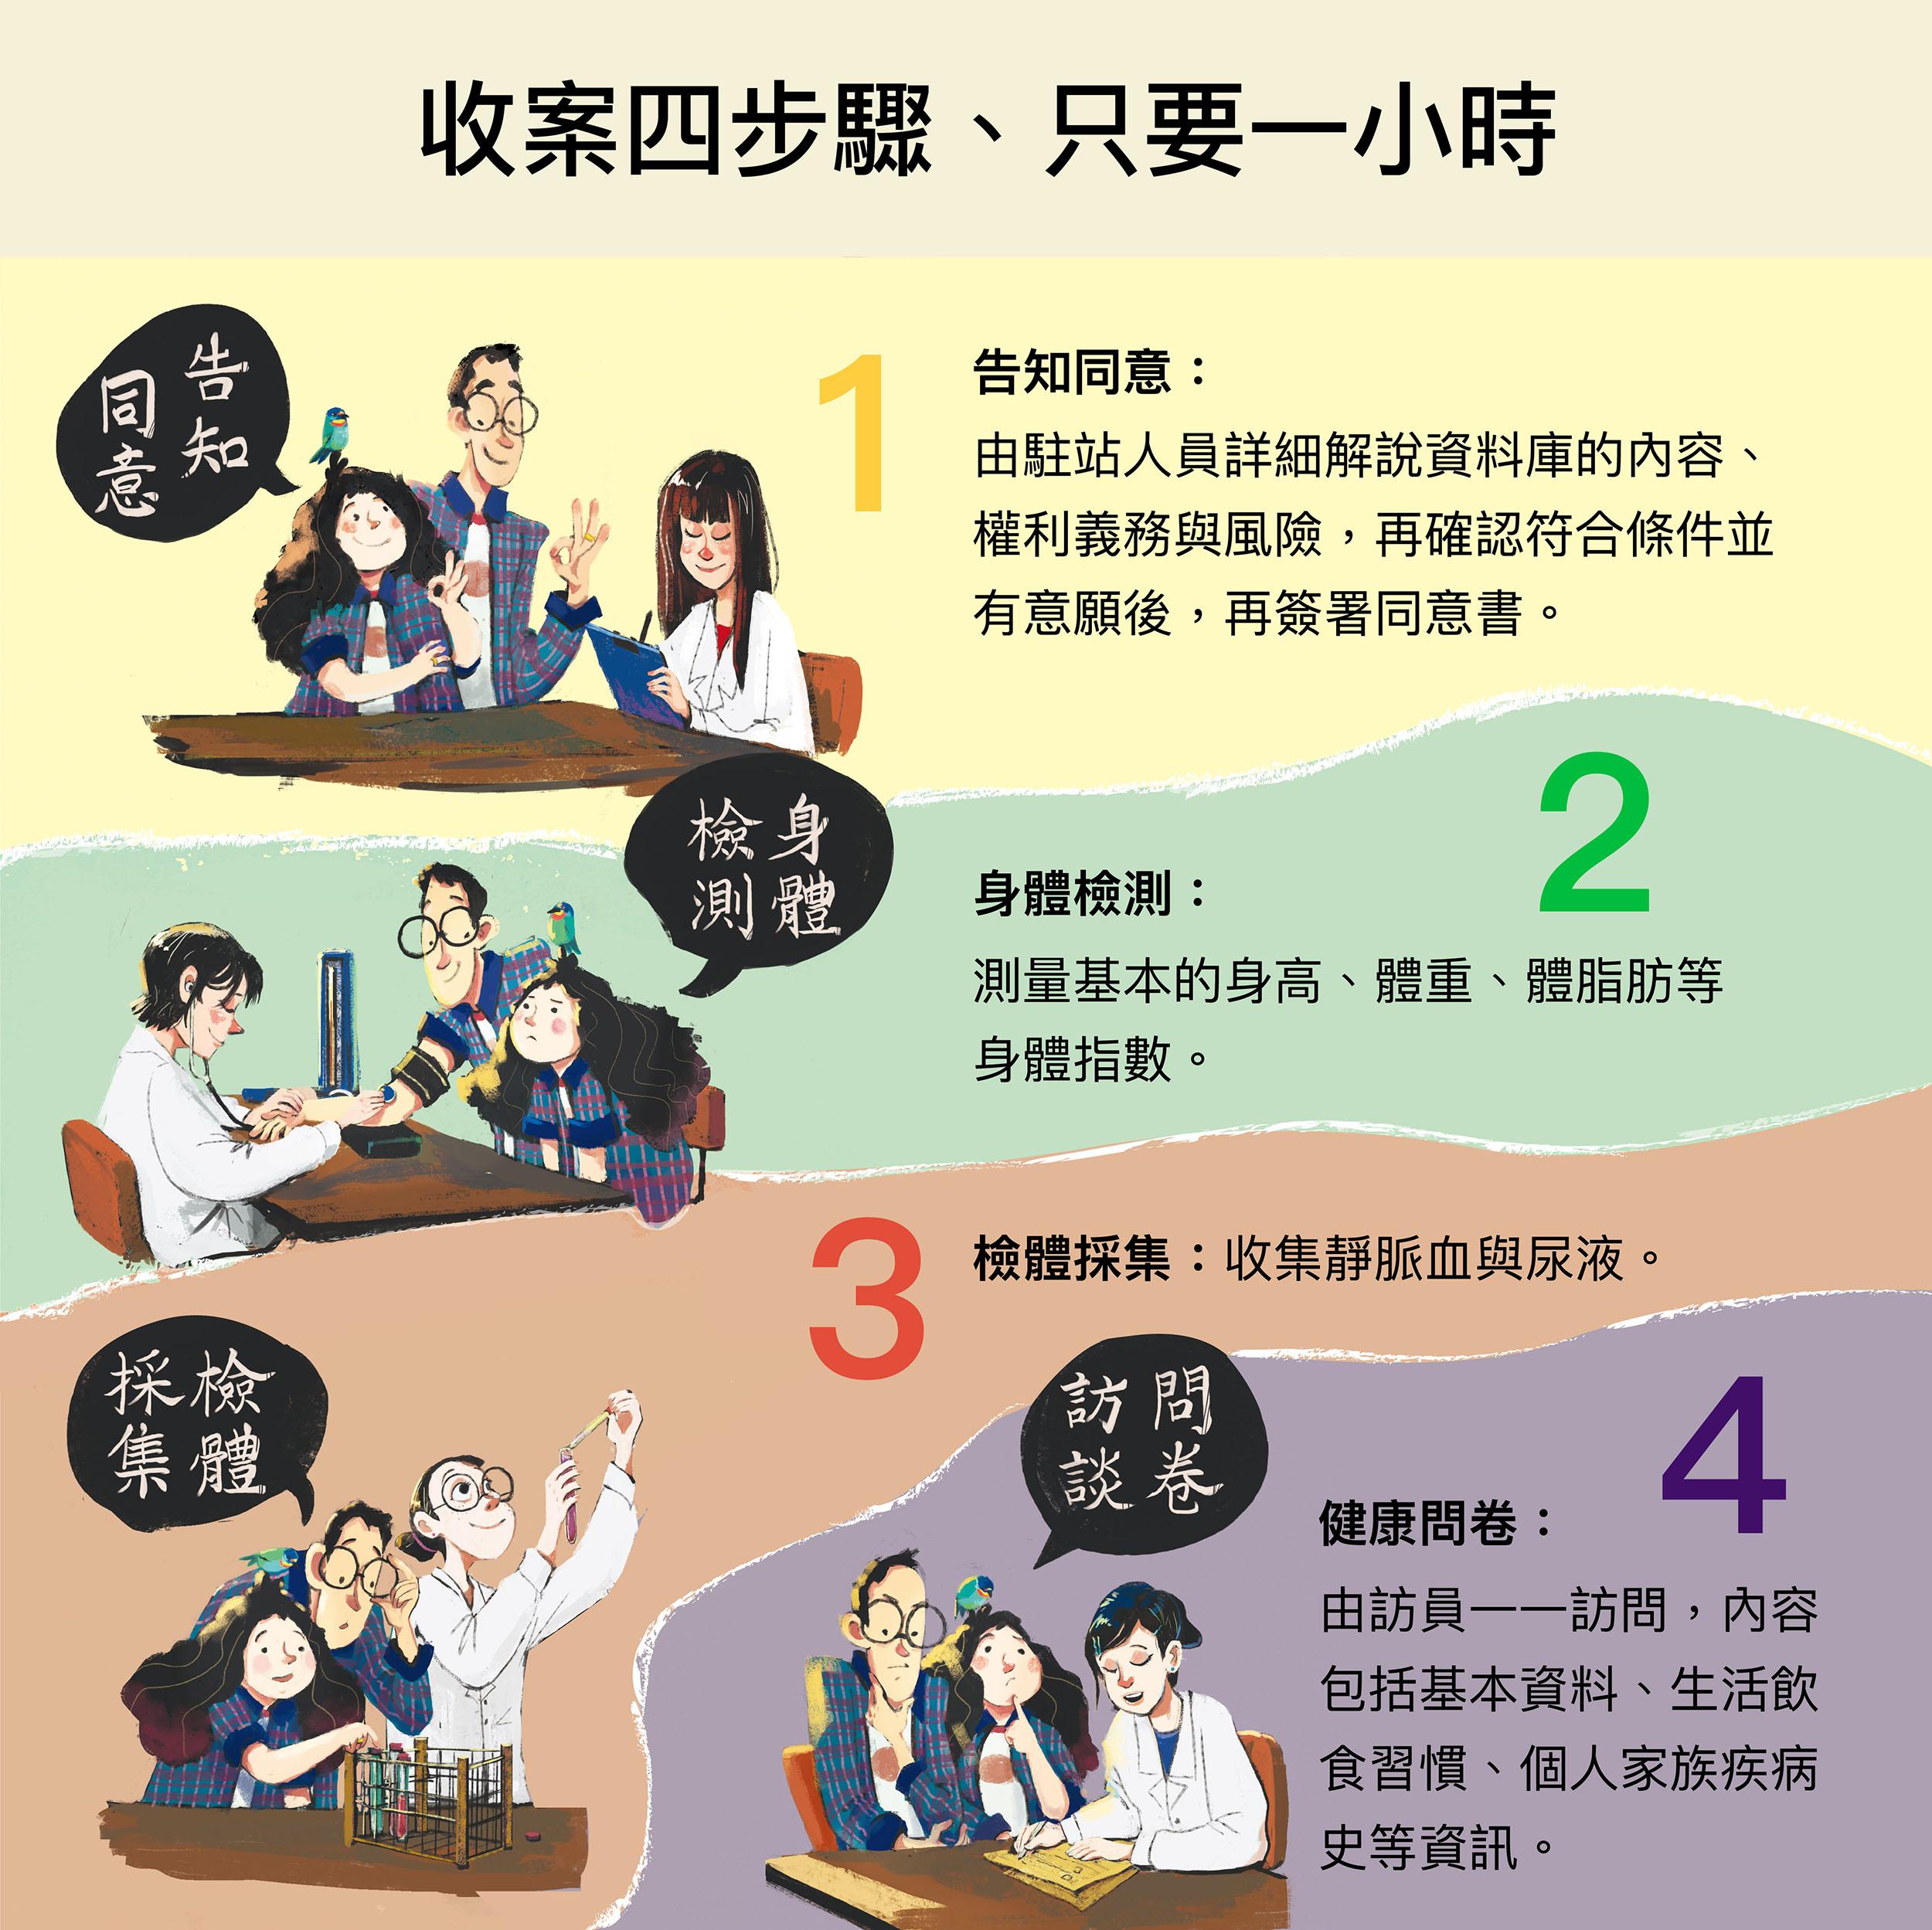 以上是臺灣人體生物資料庫收集檢體的四步驟。「民眾可收到自己的檢查報告嗎?」答案是不會主動提供。因為資料庫收集資料以生物醫學研究為目的,不會主動提供檢測結果,但如果特別有要求,則會在兩個月內提供檢驗數據以茲參考。圖│研之有物(資料來源│Taiwan Biobank)